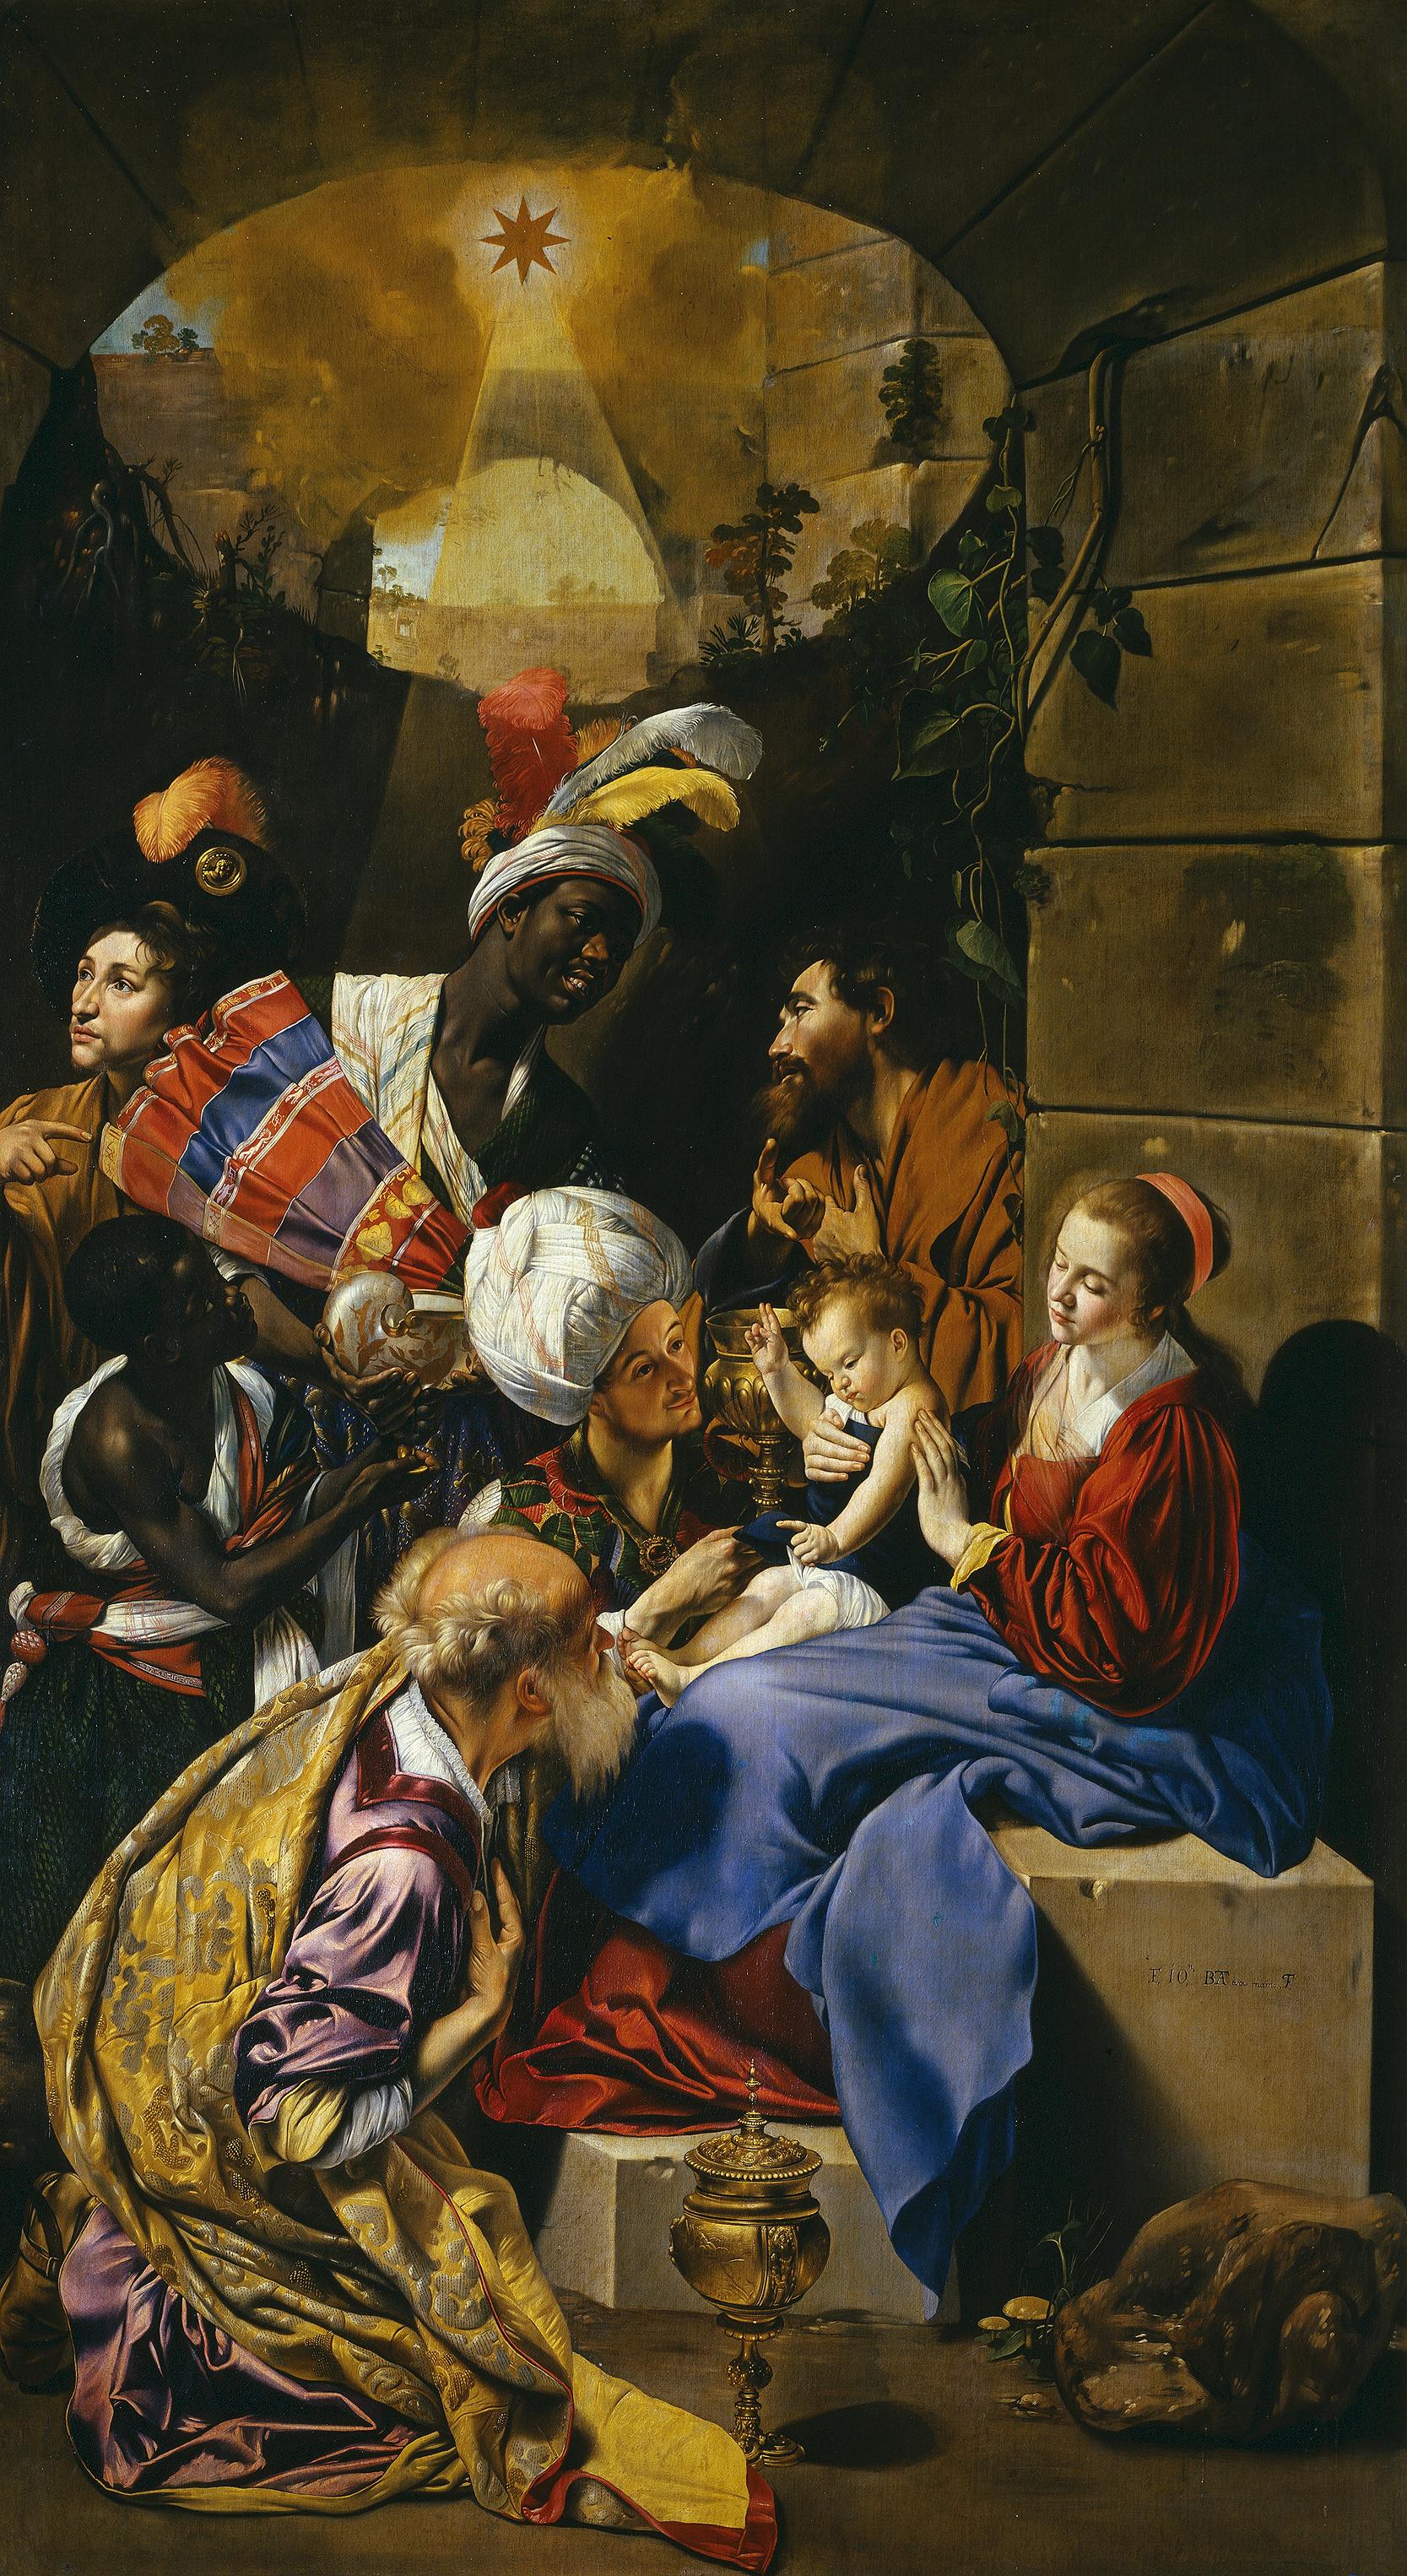 Archivo:Maino-adoracion reyes.jpg - Wikipedia, la enciclopedia libre